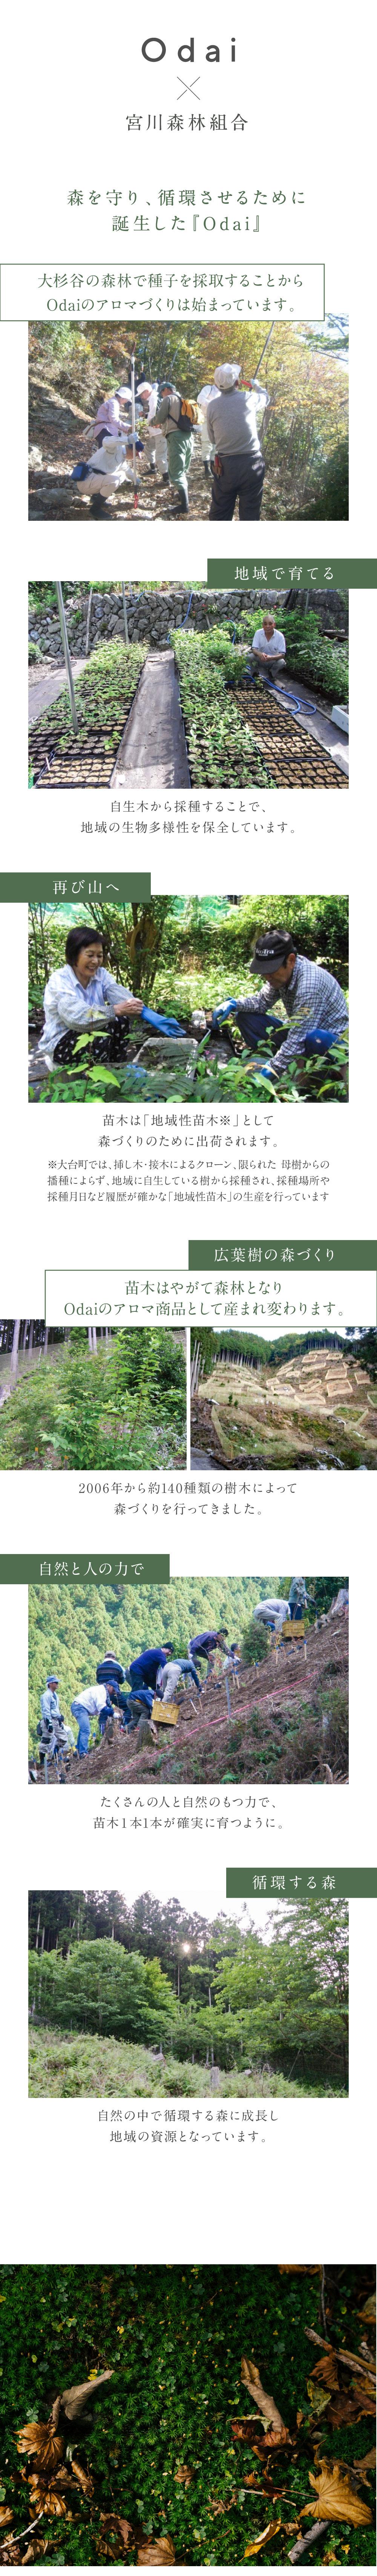 宮川森林組合が中心となり循環する森づくりに取り組んでいます。